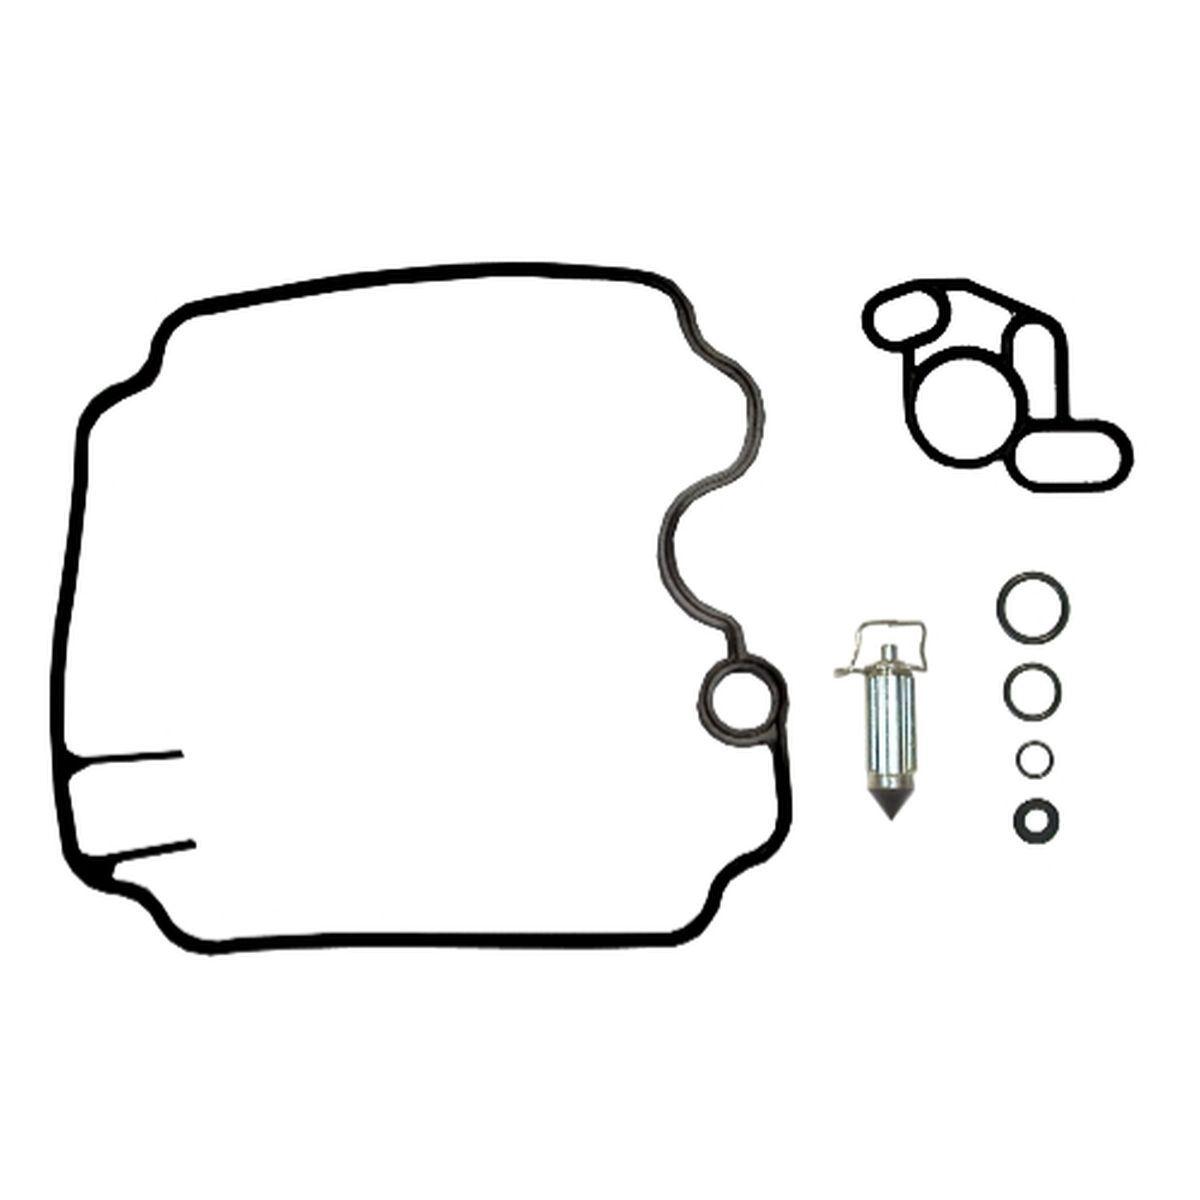 AW Motorcycle Parts. Carburettor Repair Kit Yamaha XTZ750